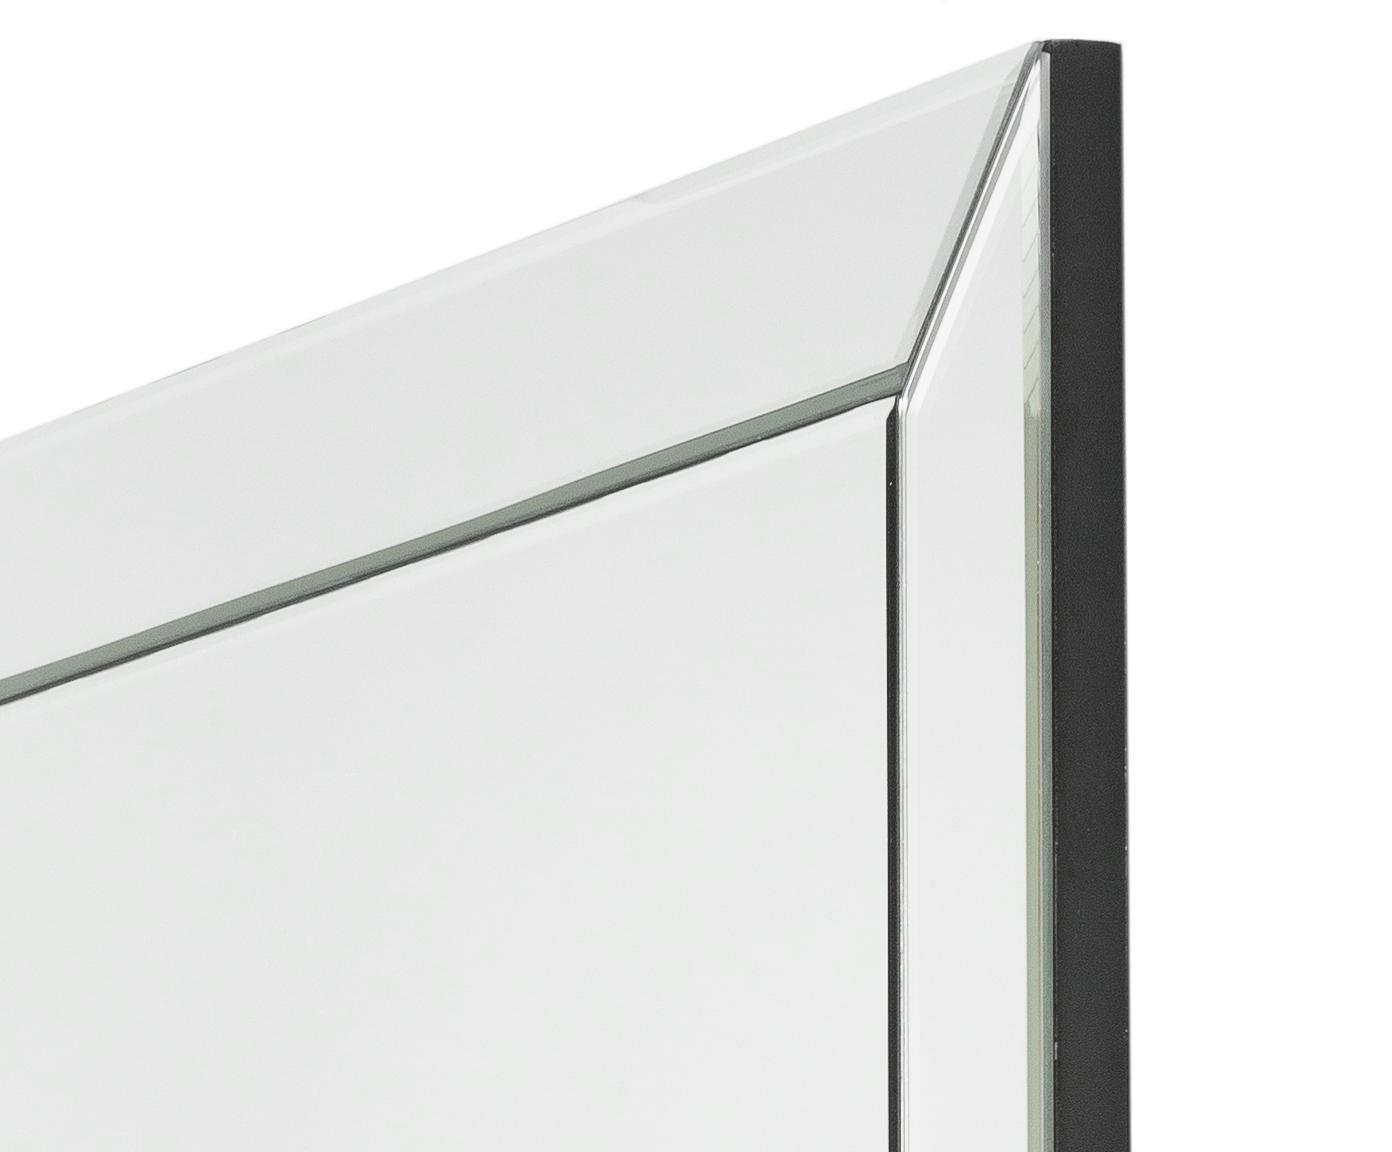 Lustro ścienne Marion, Szkło lustrzane, S 60 x W 90 cm